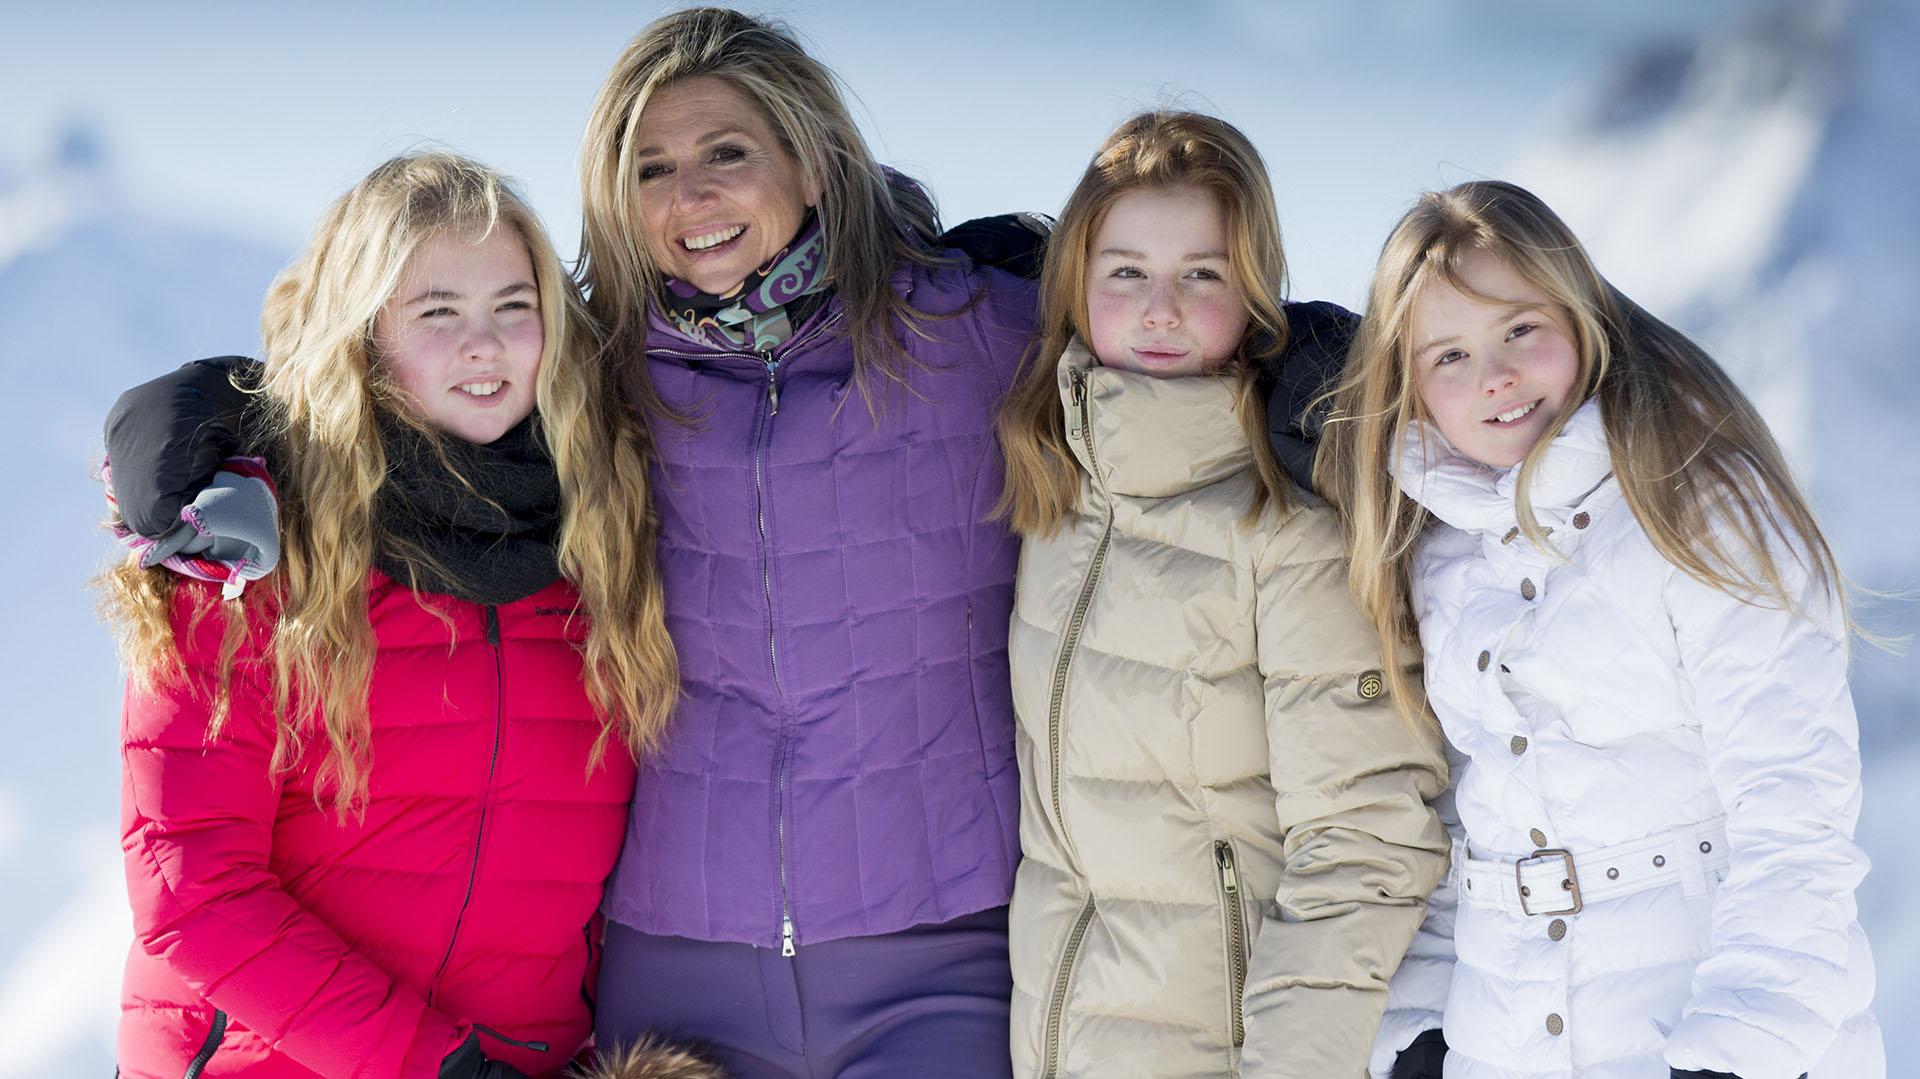 Máxima junto a sus tres hijas, las princesas Amalia, Alexia y Ariane, en sus vacaciones de invierno en Austria